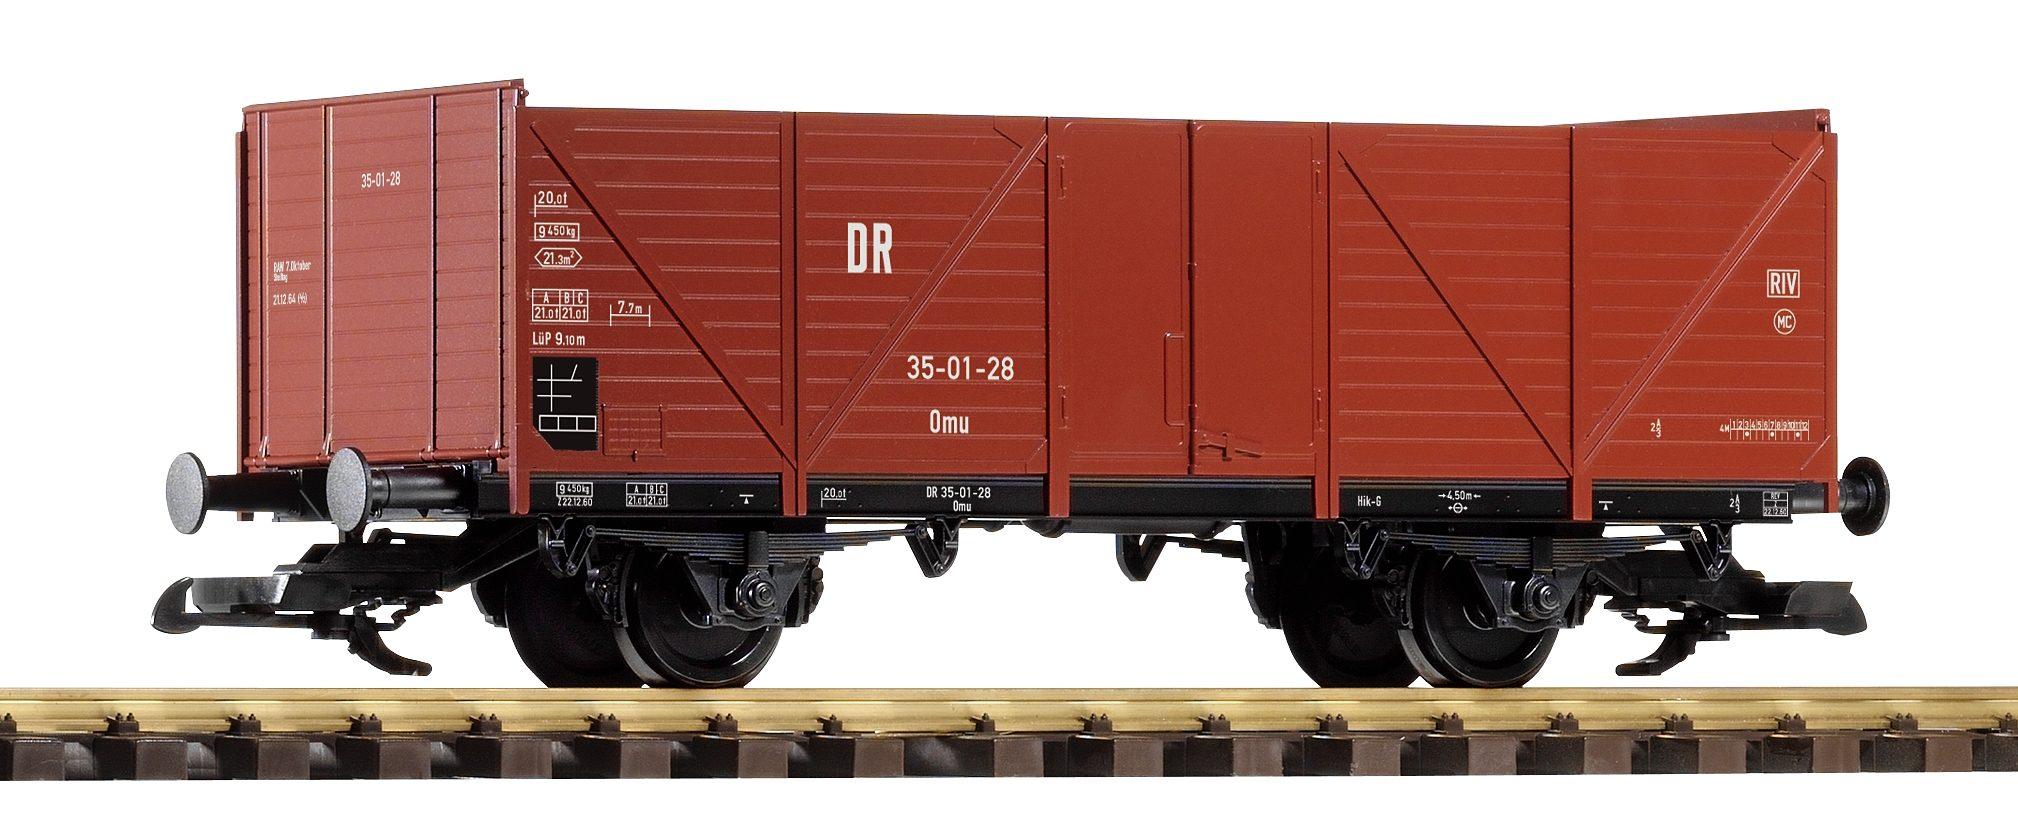 PIKO Güterwagen, Spur G, »Offener Güterwagen, DR - Gleichstrom«